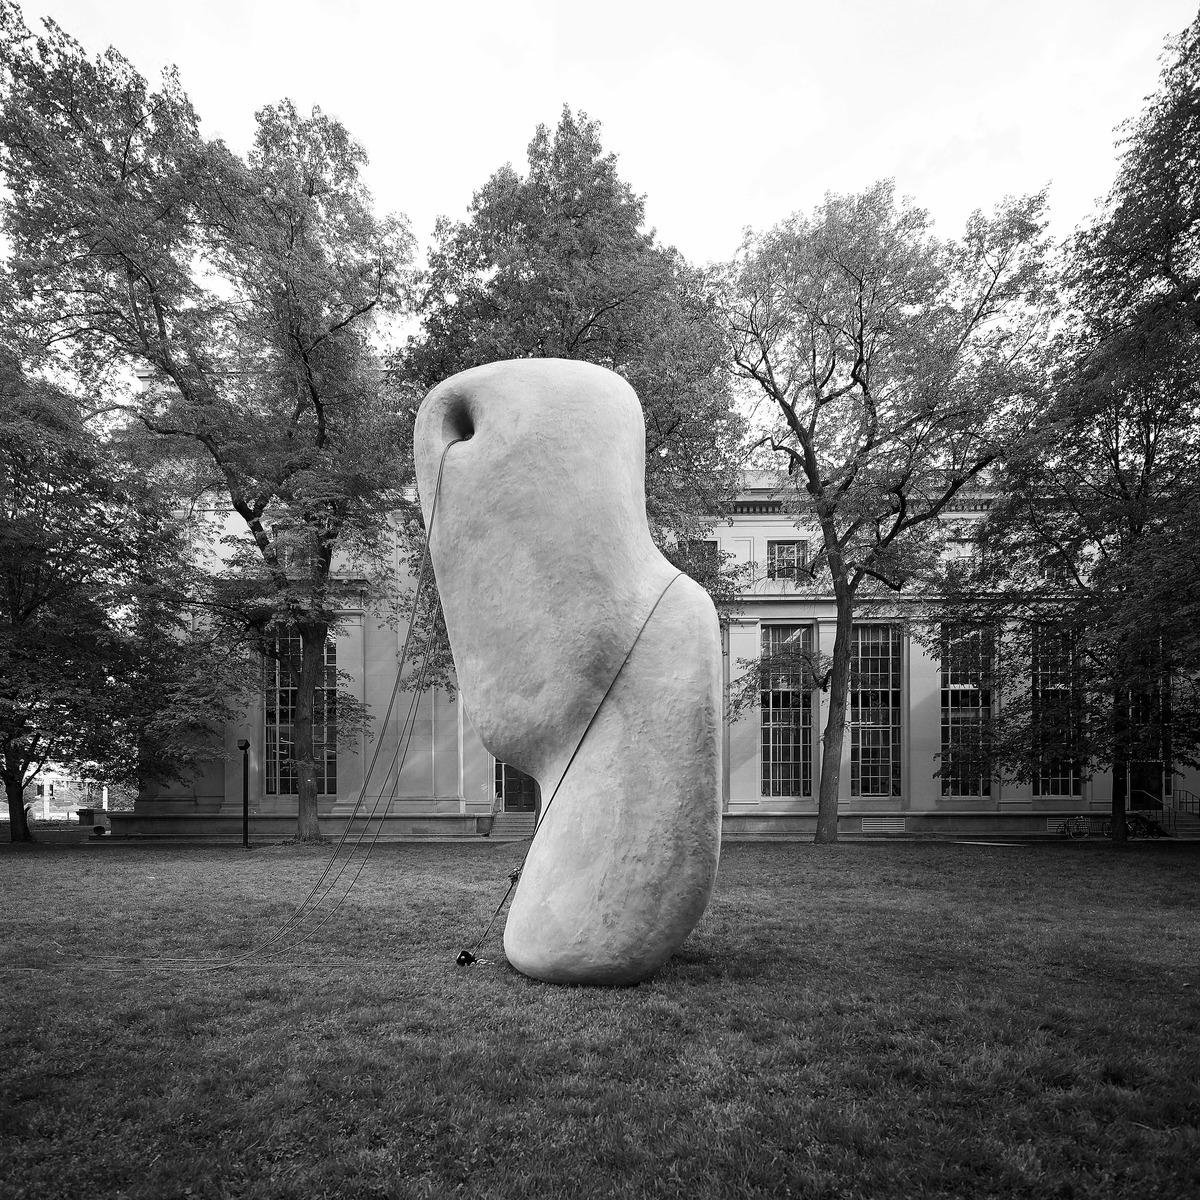 McKnelly Megalith. Image via Matter Design.